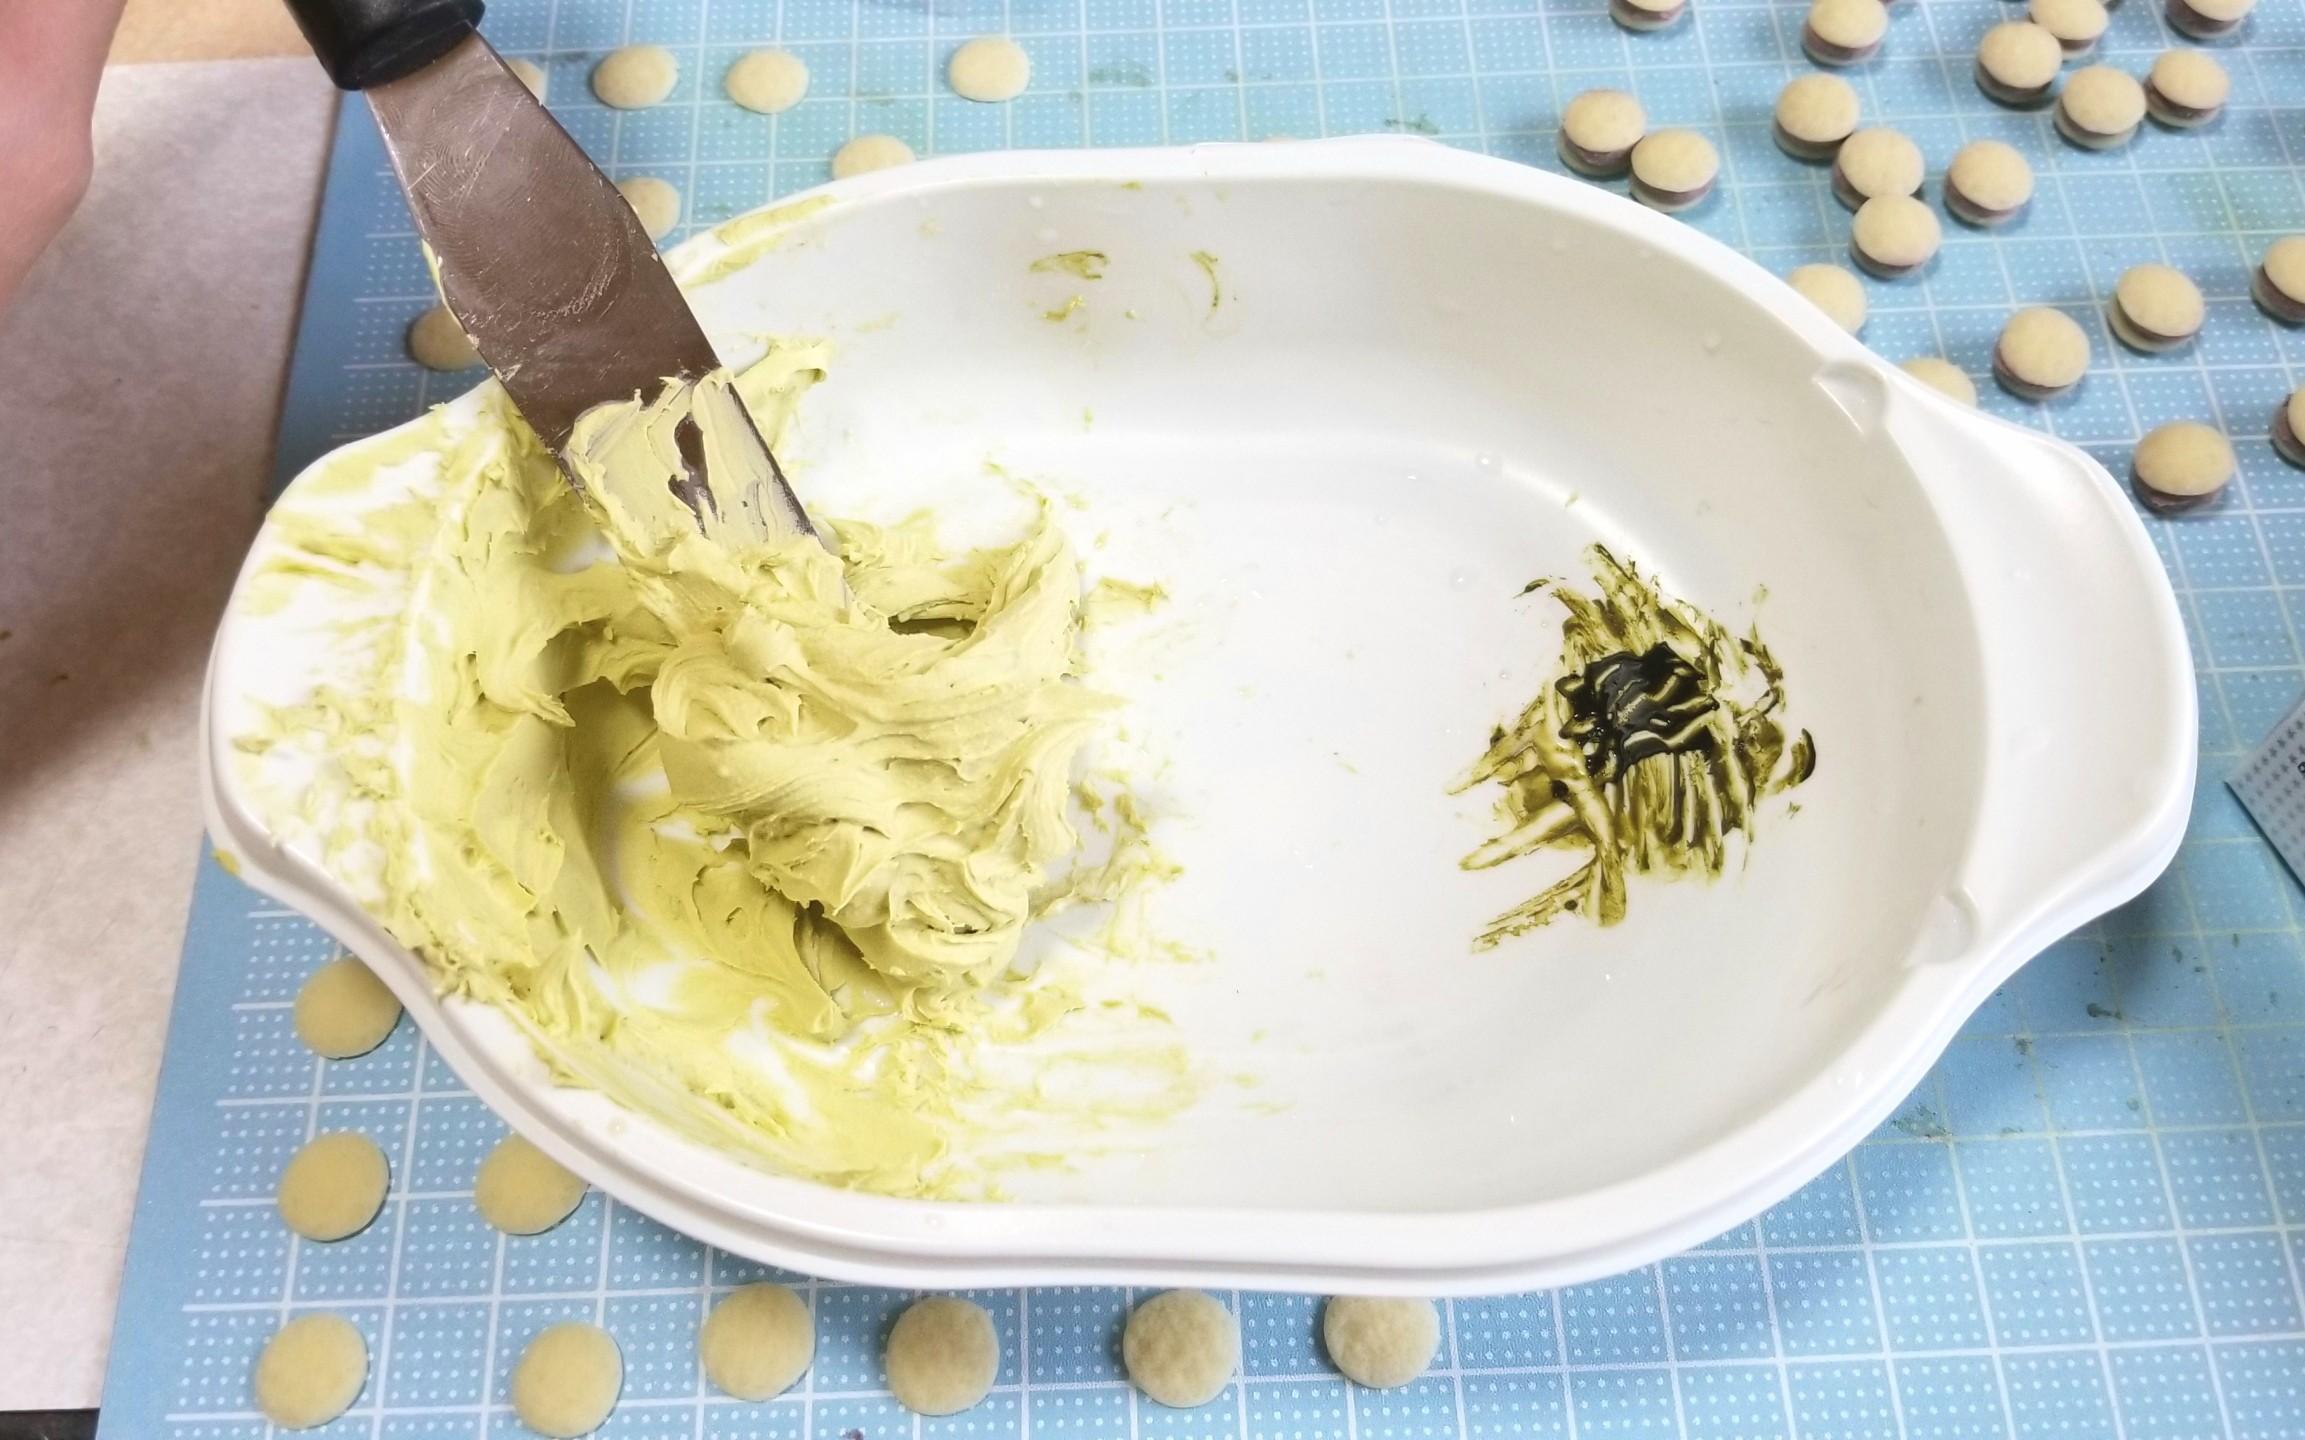 ミニチュアフード,着色,抹茶のクリームどら焼き,ホイップ粘土